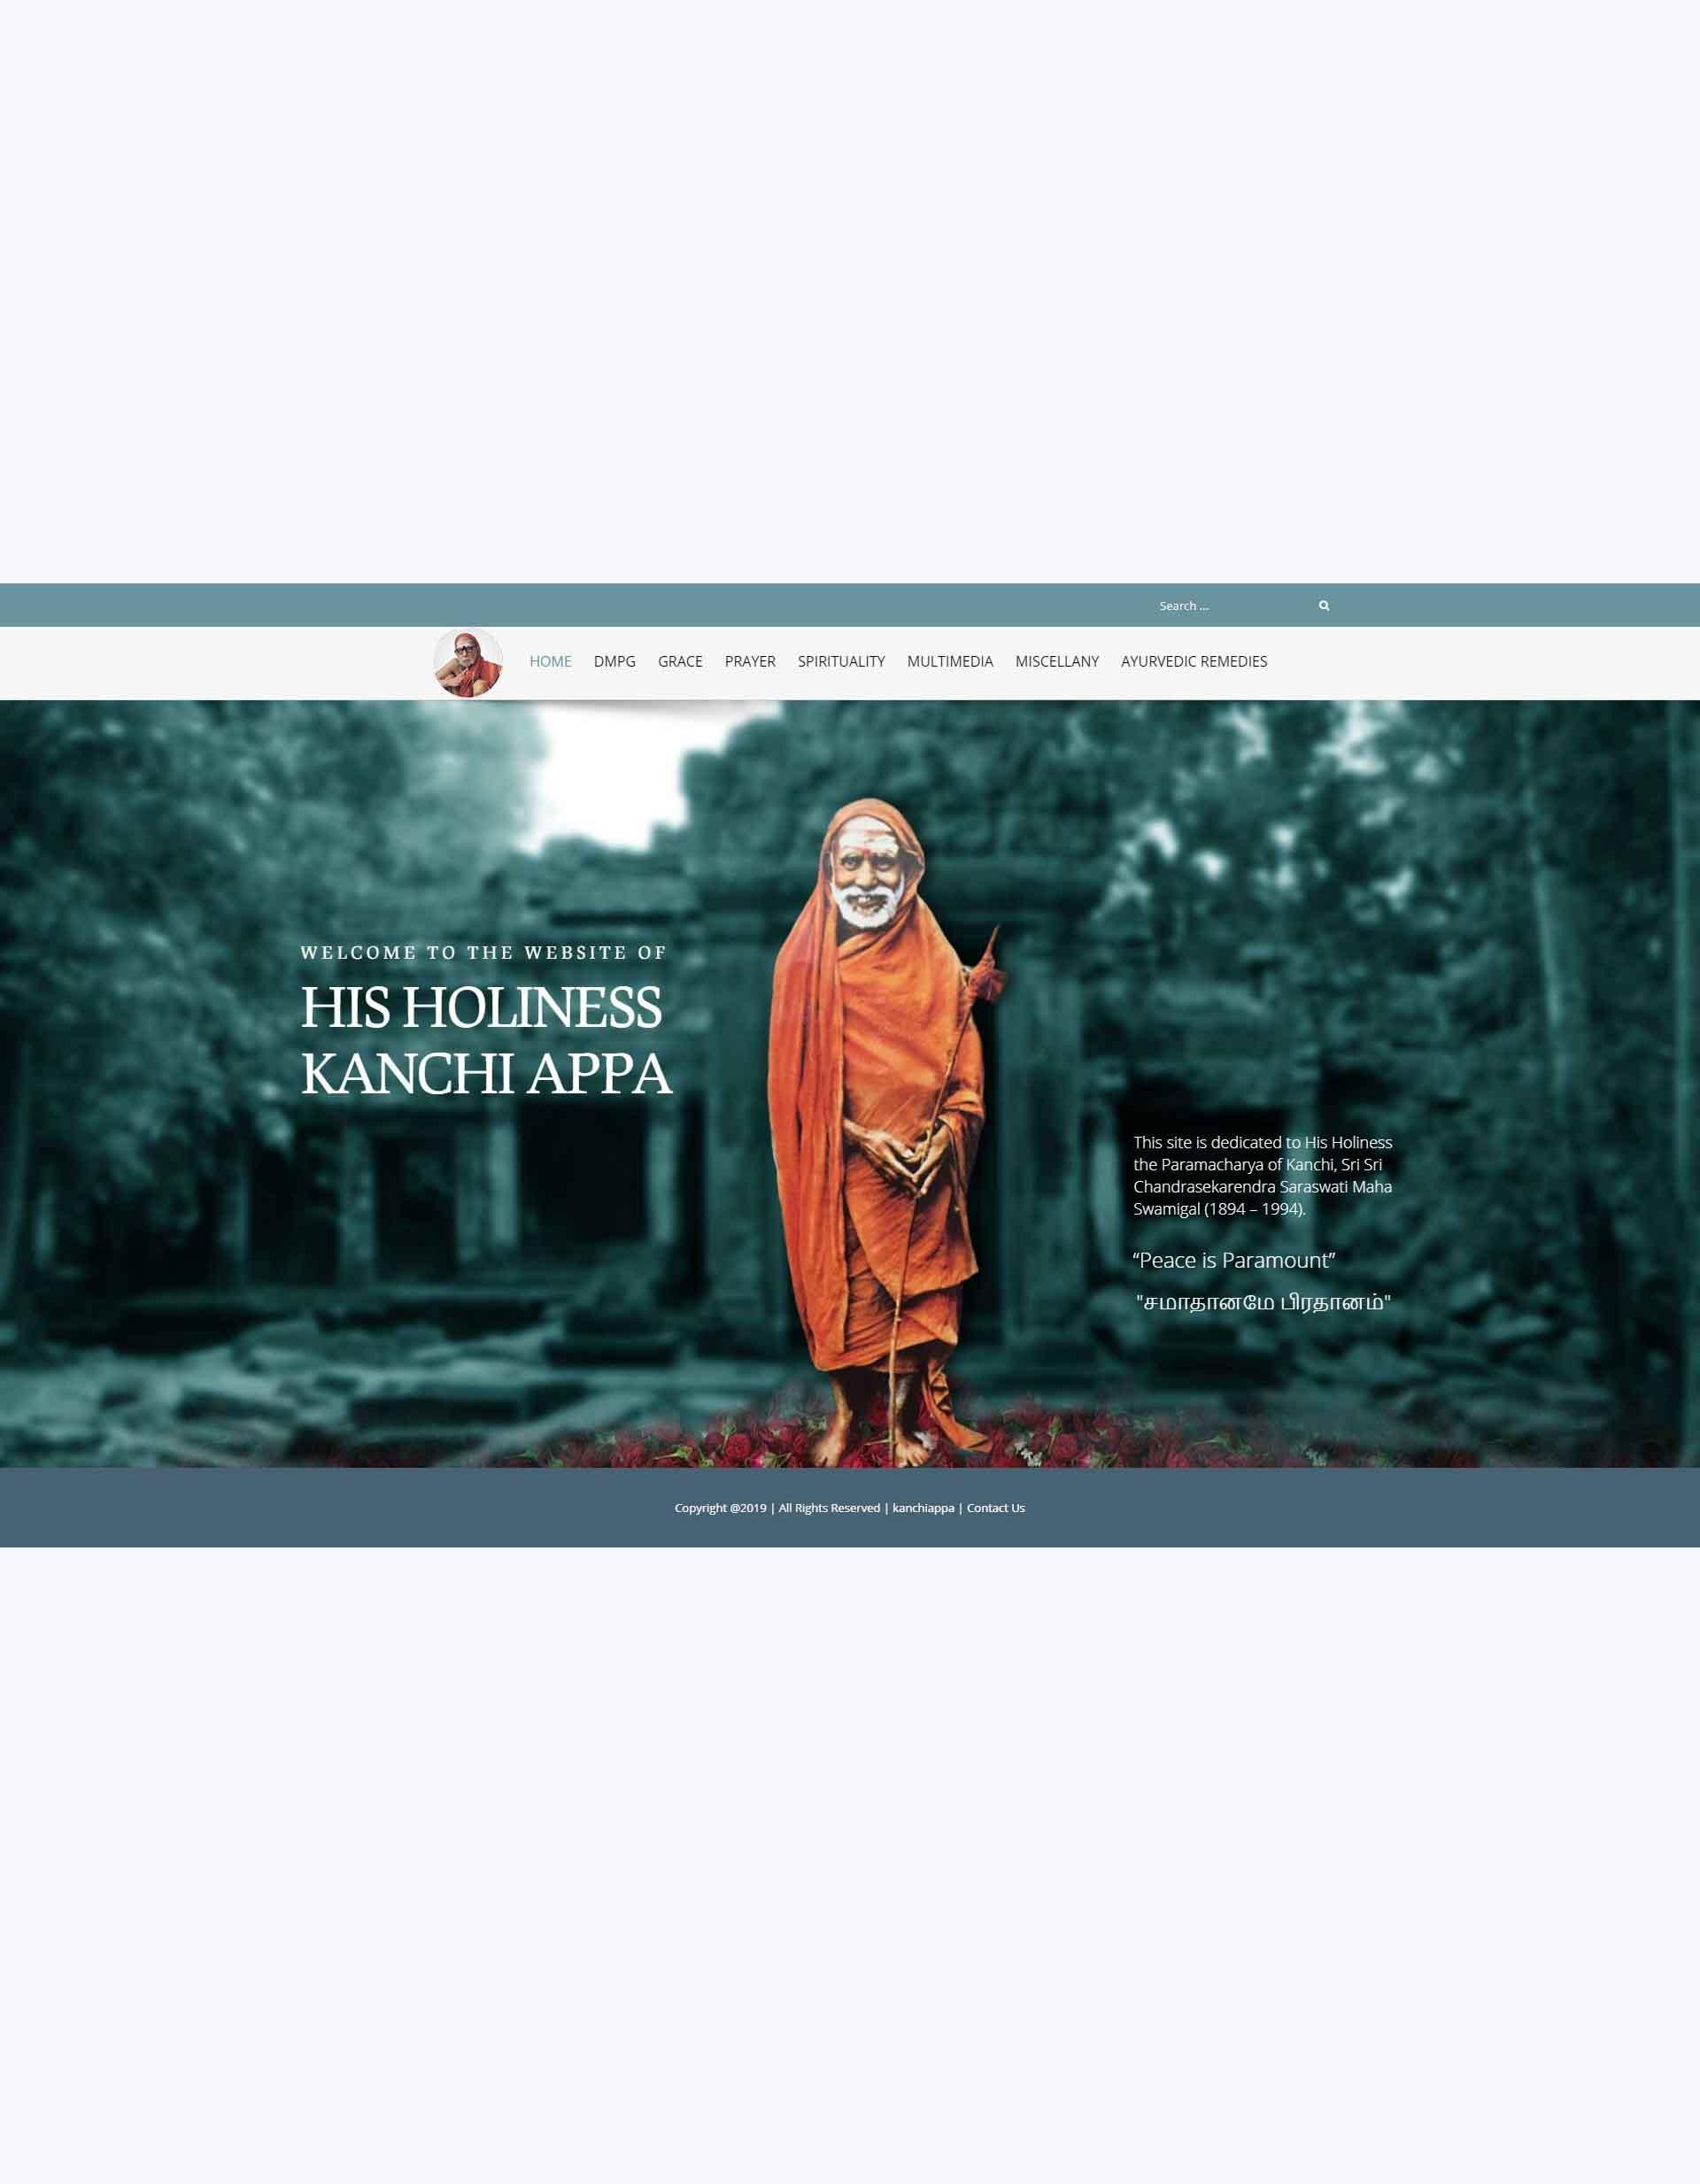 Kanchiappa